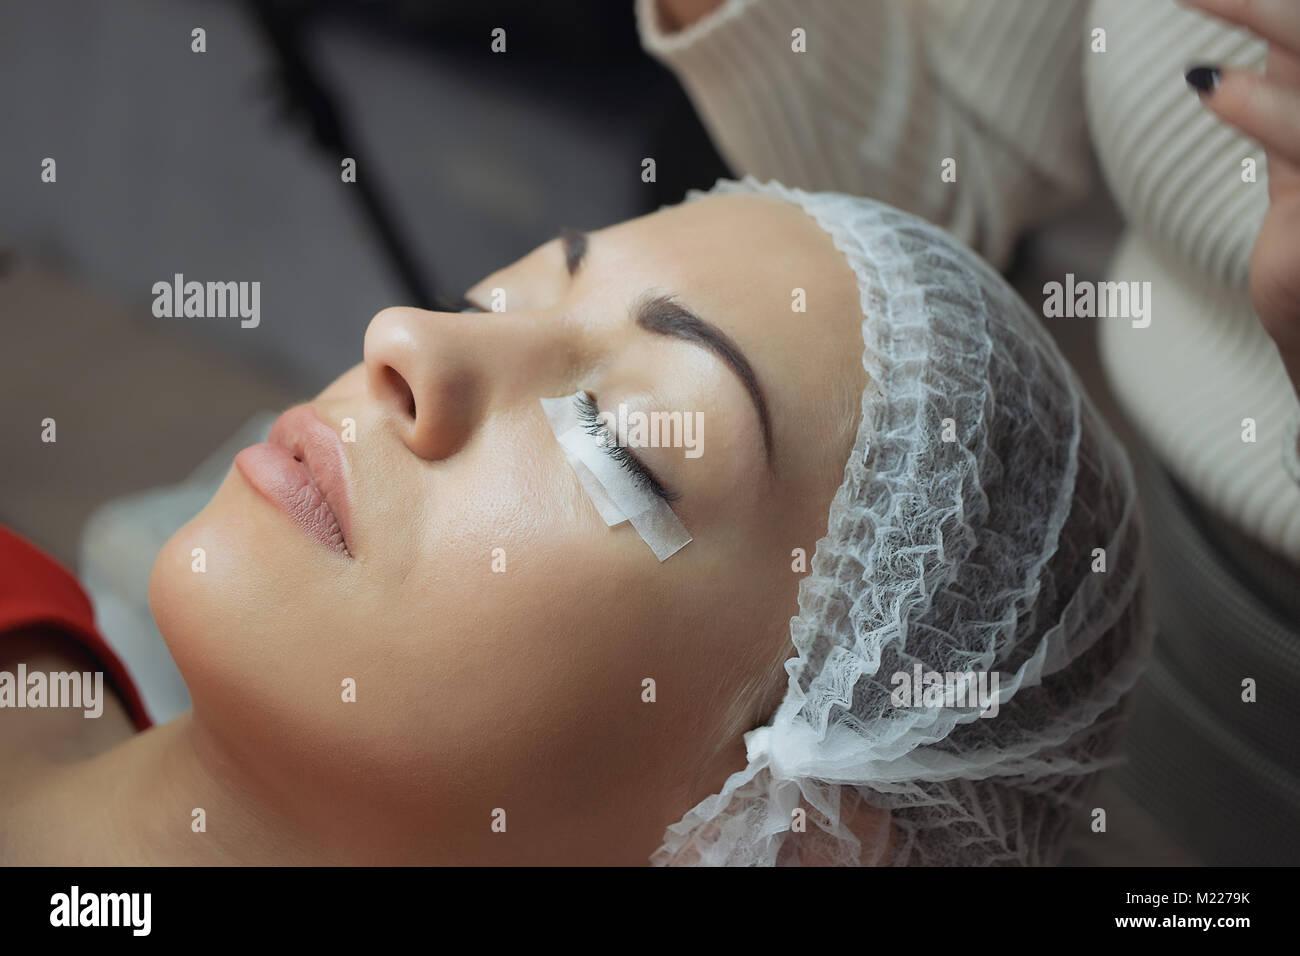 Eyelash Extension Verfahren. Frau Augen mit langen Wimpern. Stockbild